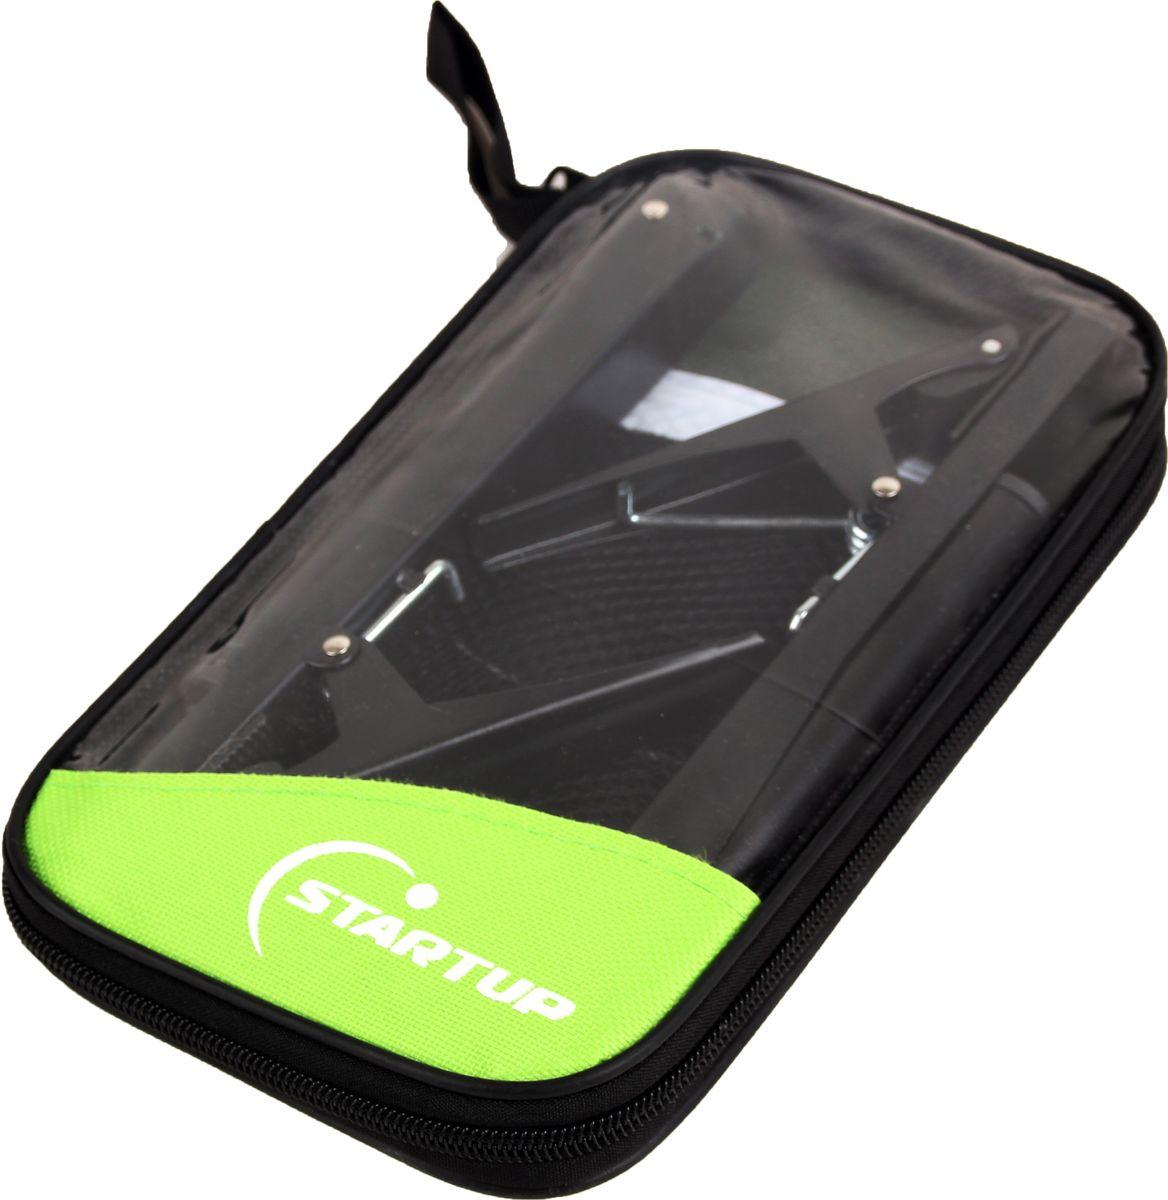 Сетка для настольного тенниса с крепежом START UP, цвет: черный, салатовый. W203S230925Сетка для настольного тенниса с крепежом START UP W203S. Система крепления: Clip (зажим).